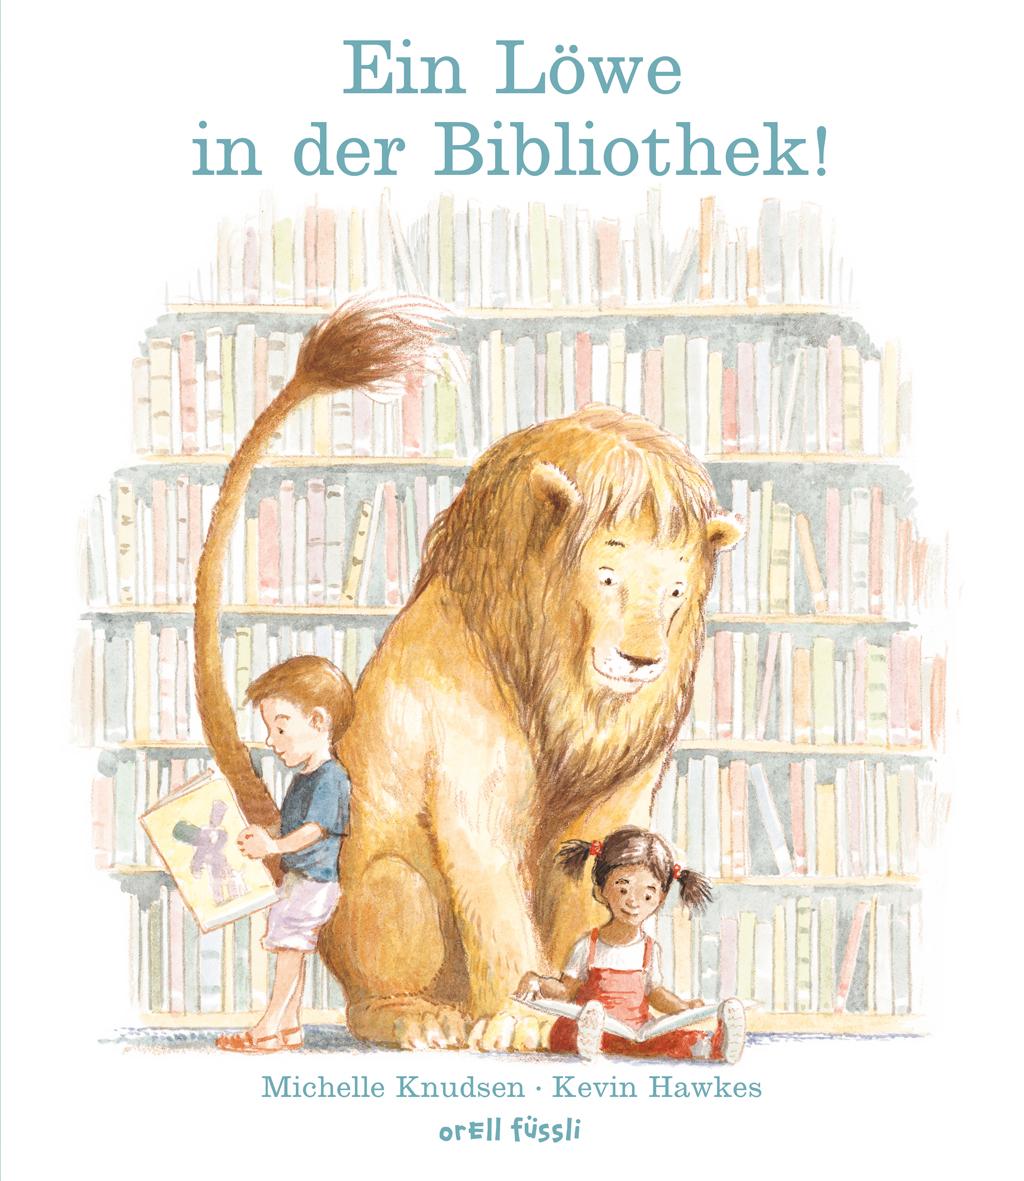 Bildergebnis für löwe bibliothek